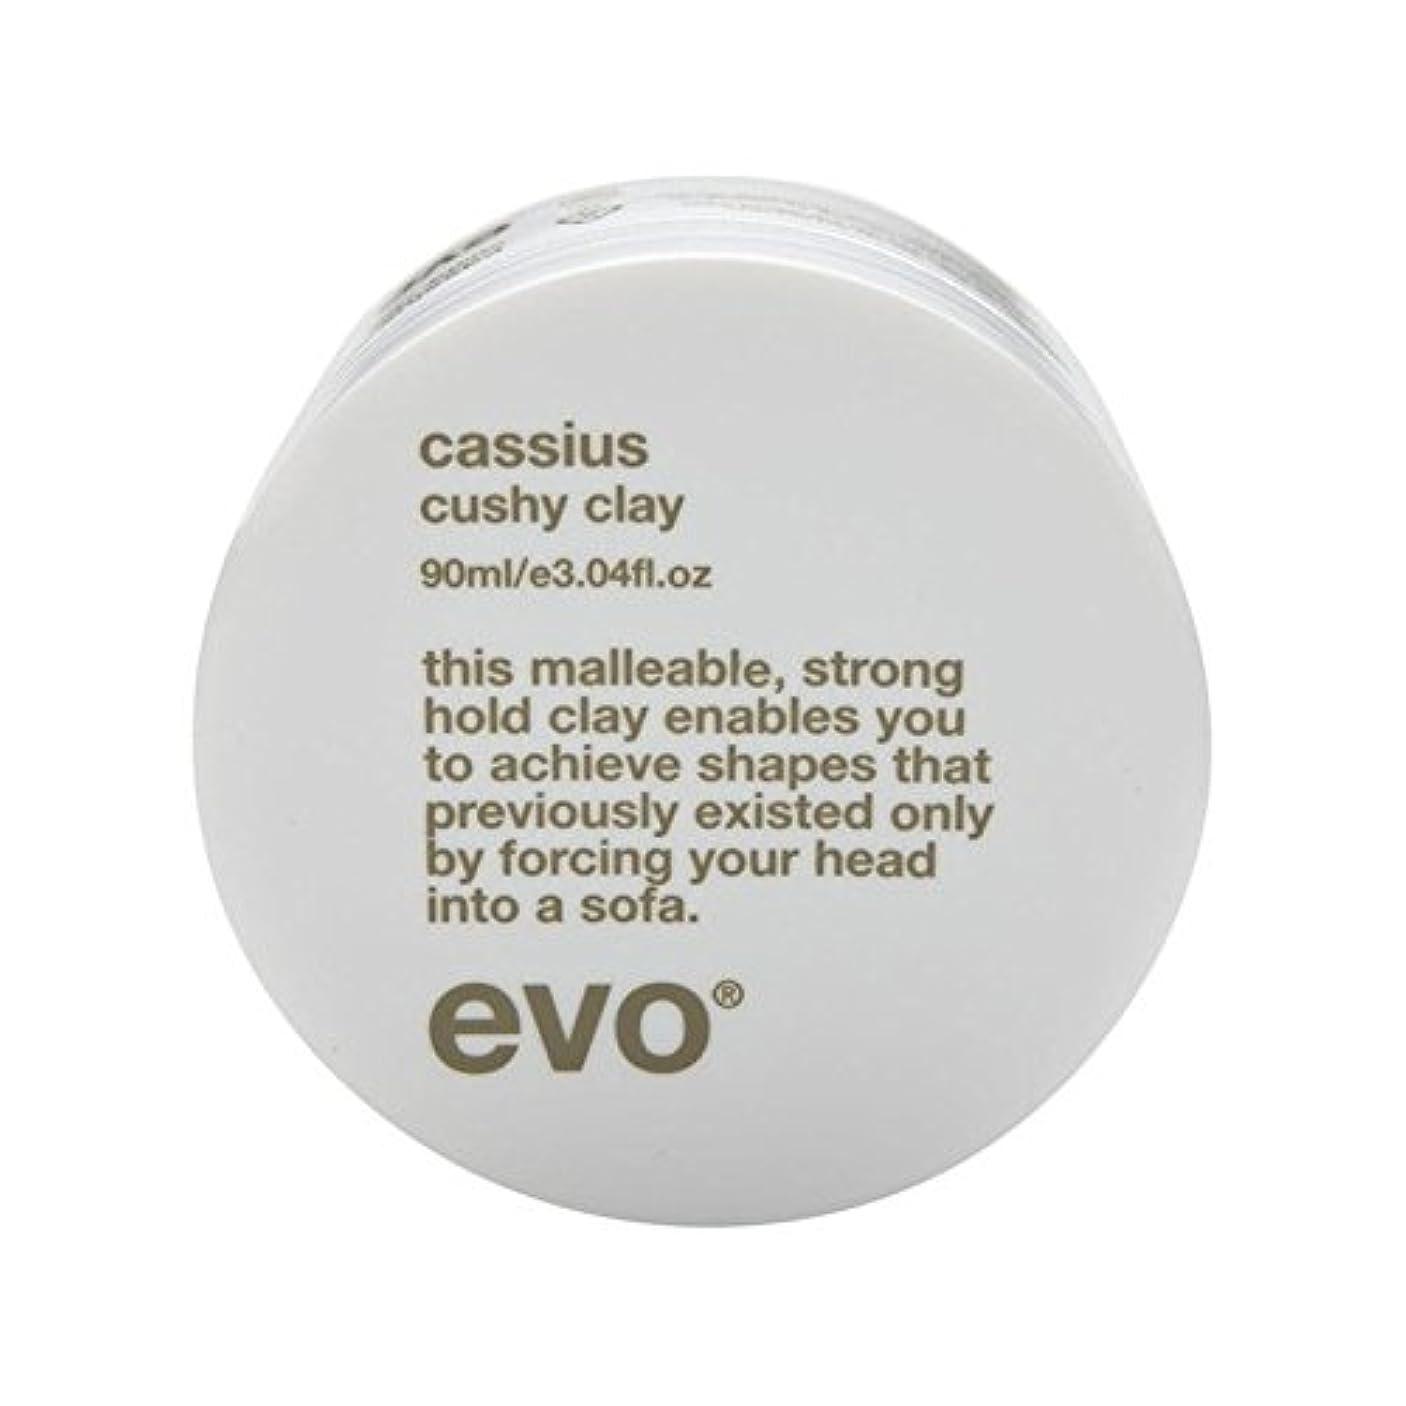 番目接触インゲンエボカシウス楽な粘土90グラム x4 - Evo Cassius Cushy Clay 90G (Pack of 4) [並行輸入品]